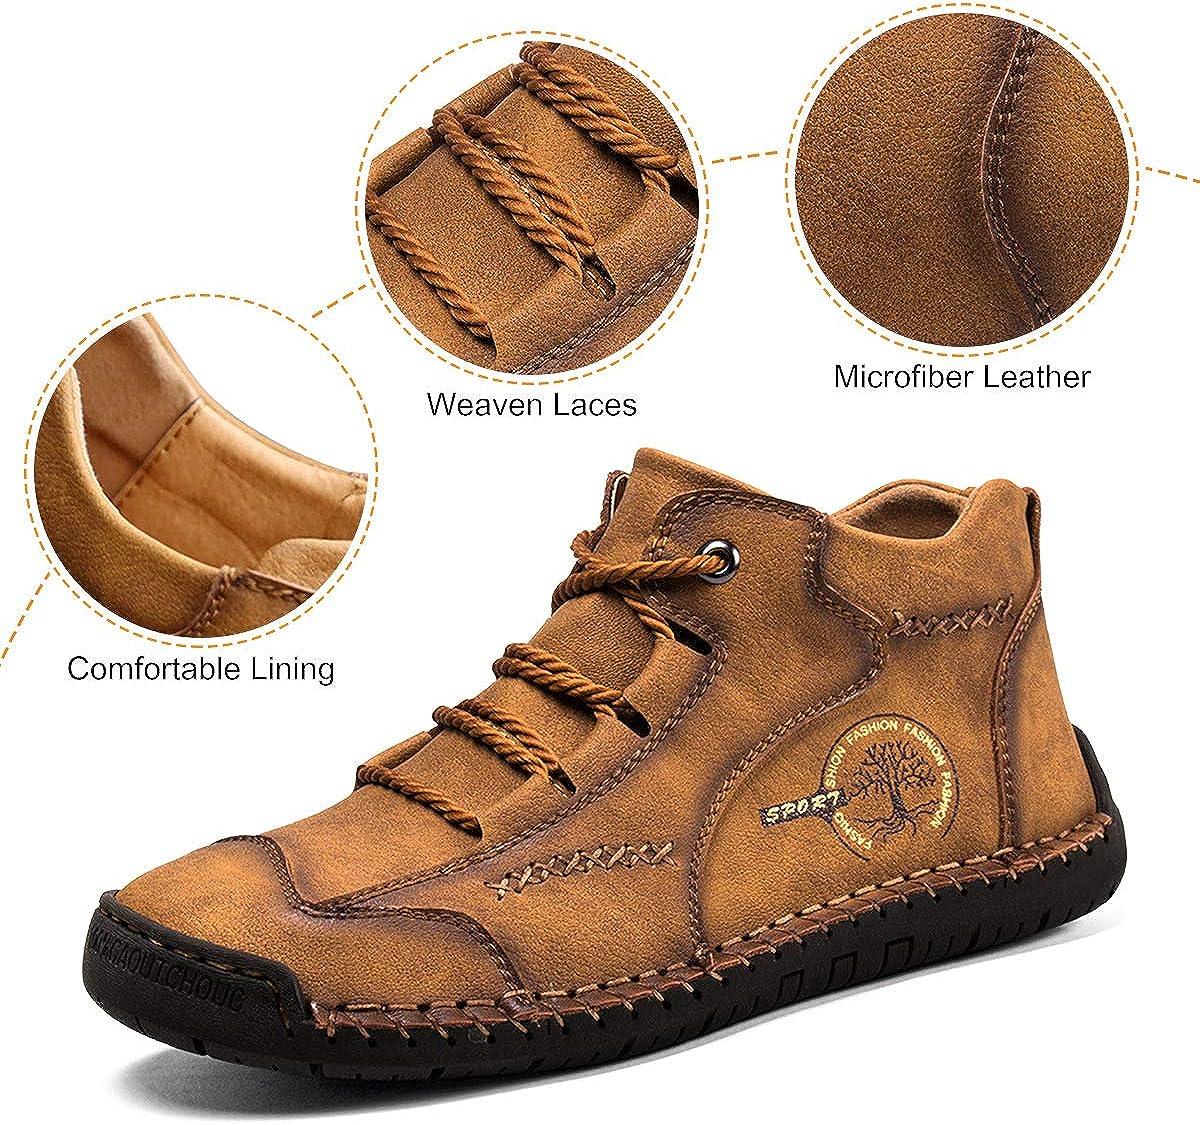 gracosy Weiche Mokassins Herren Flach Casual Loafers Atmungsaktiv Leicht Bootsschuhe Outdoor Trekking-Schn/ürschuhe L/ässiger Fahren Halbschuhe Mokassins Slipper f/ür Damen Herren